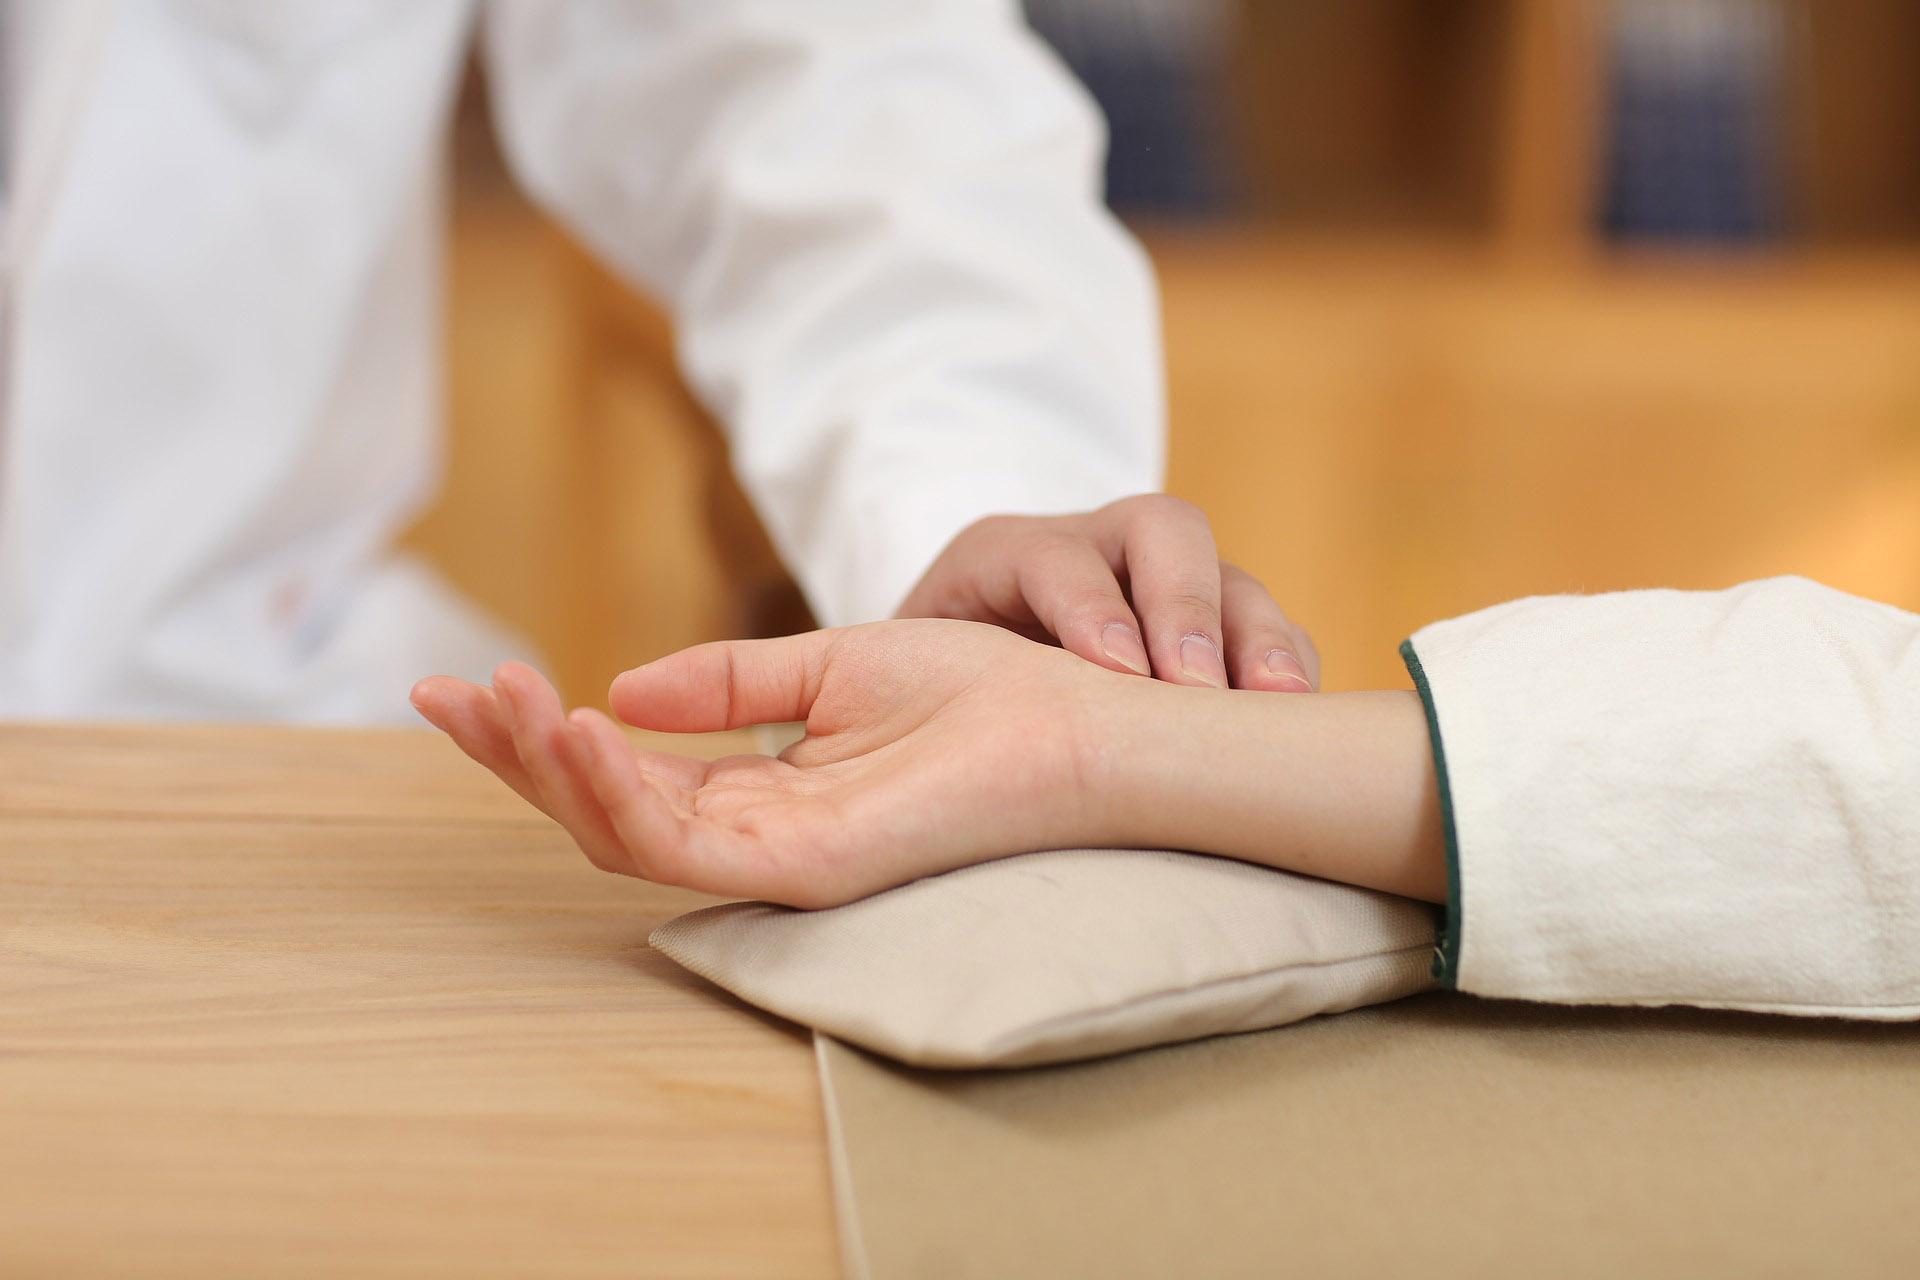 古代中医是如何给人看病的?中医养生方法有什么?